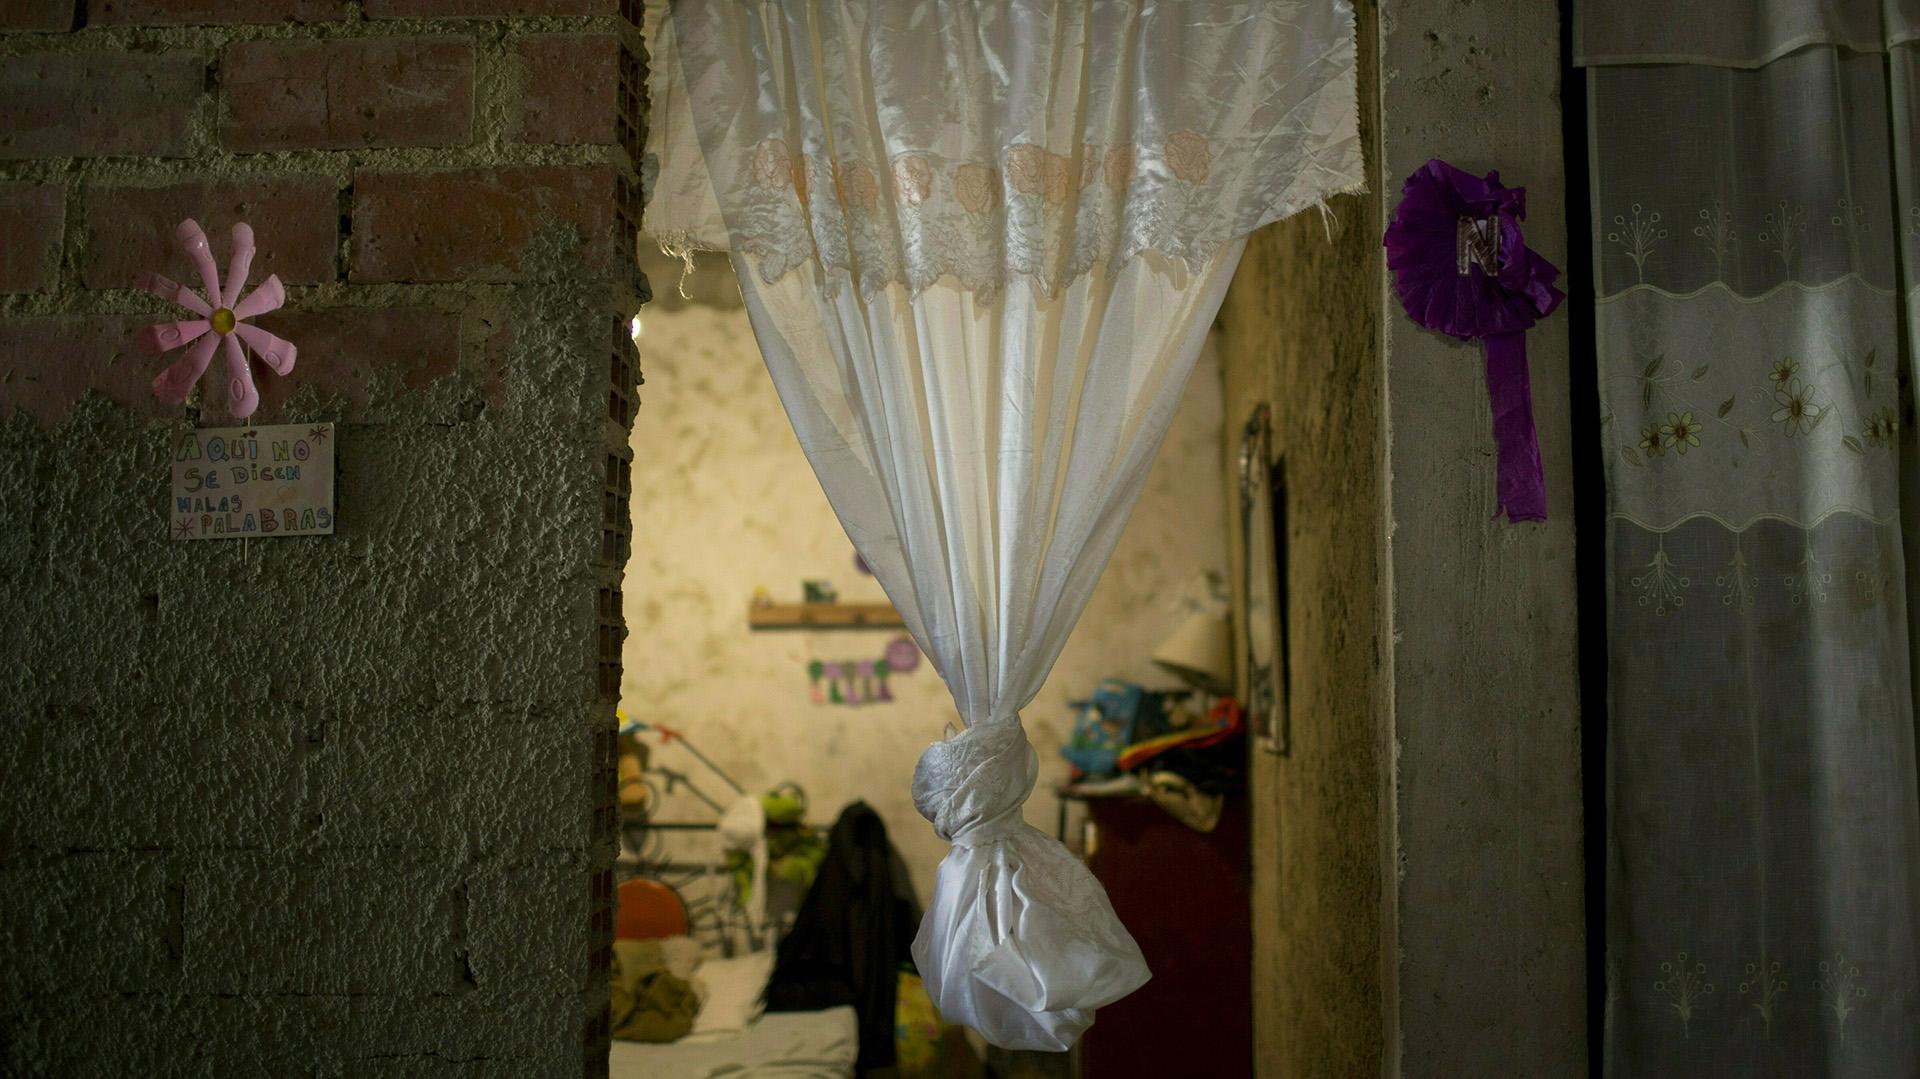 Una cortina cuelga en la puerta del que era el cuarto de Jhonny Godoy en el barrio humilde de La Vega, en Caracas (AP /Ariana Cubillos)